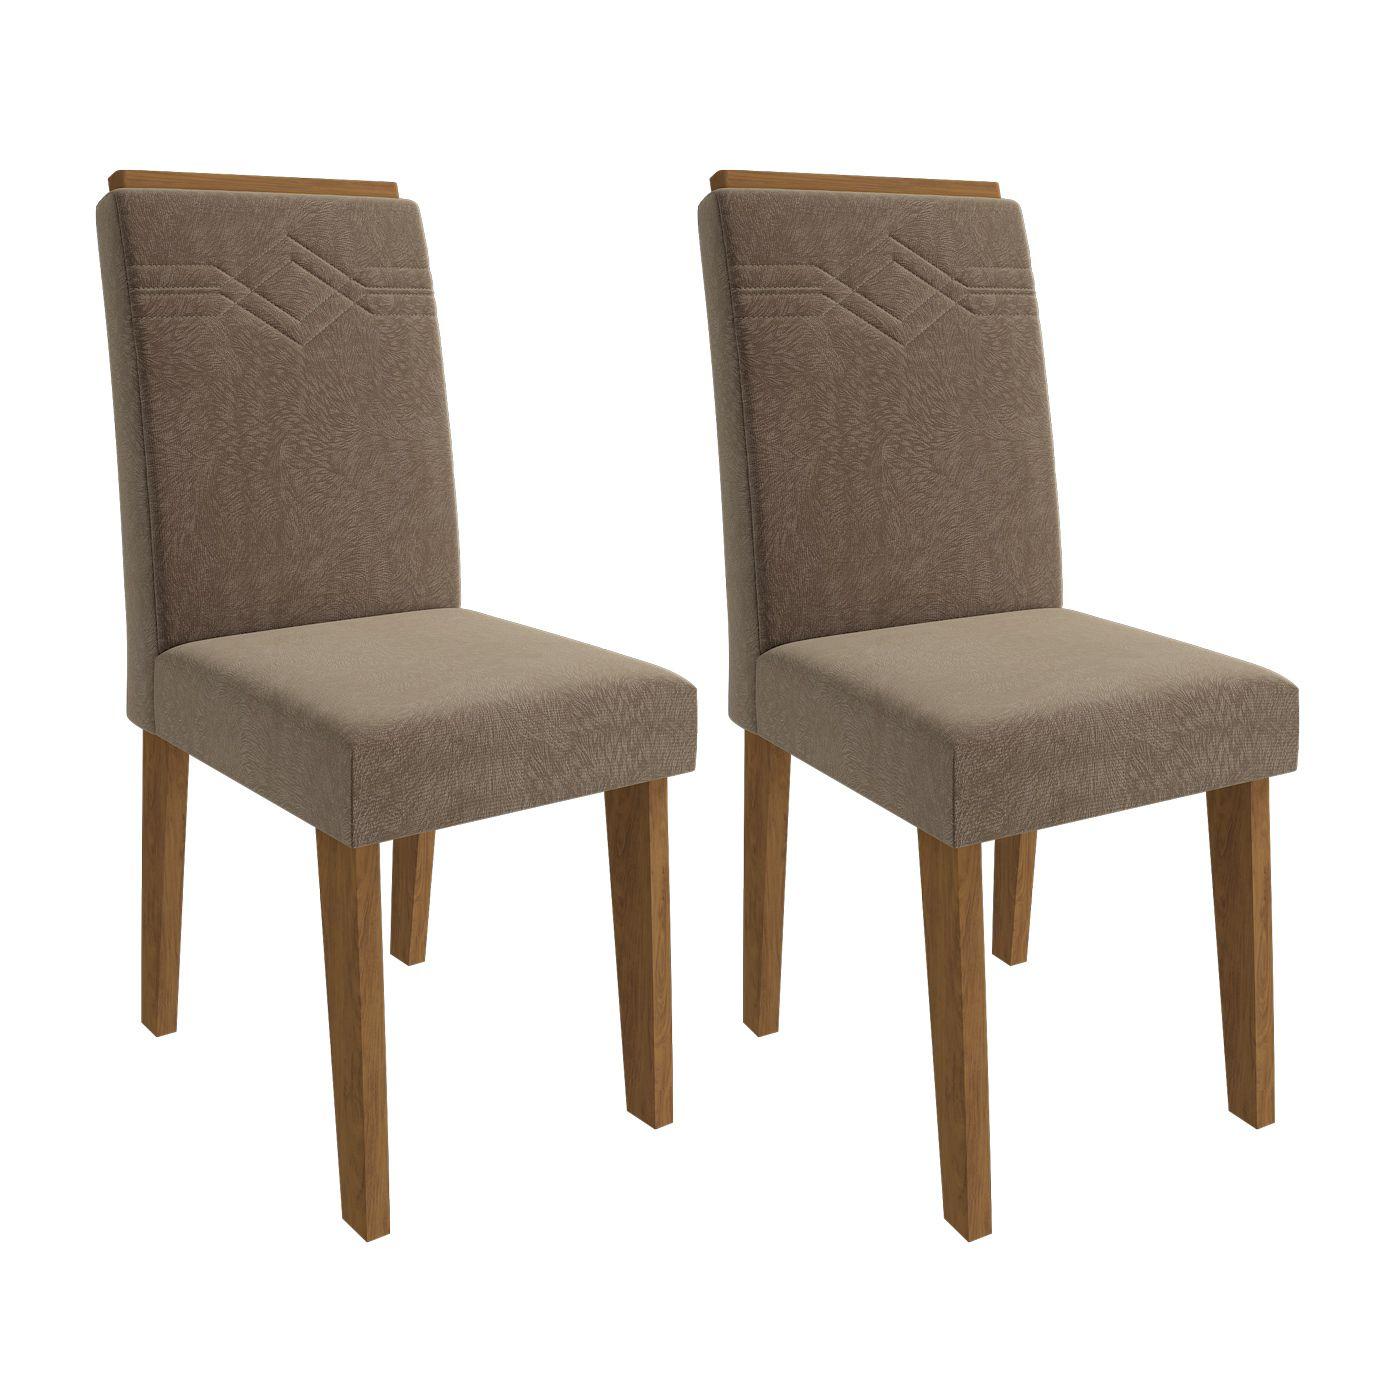 Cadeira de MDF para Sala de Jantar Tais com Moldura 2 pçs Cimol Savana/Pluma